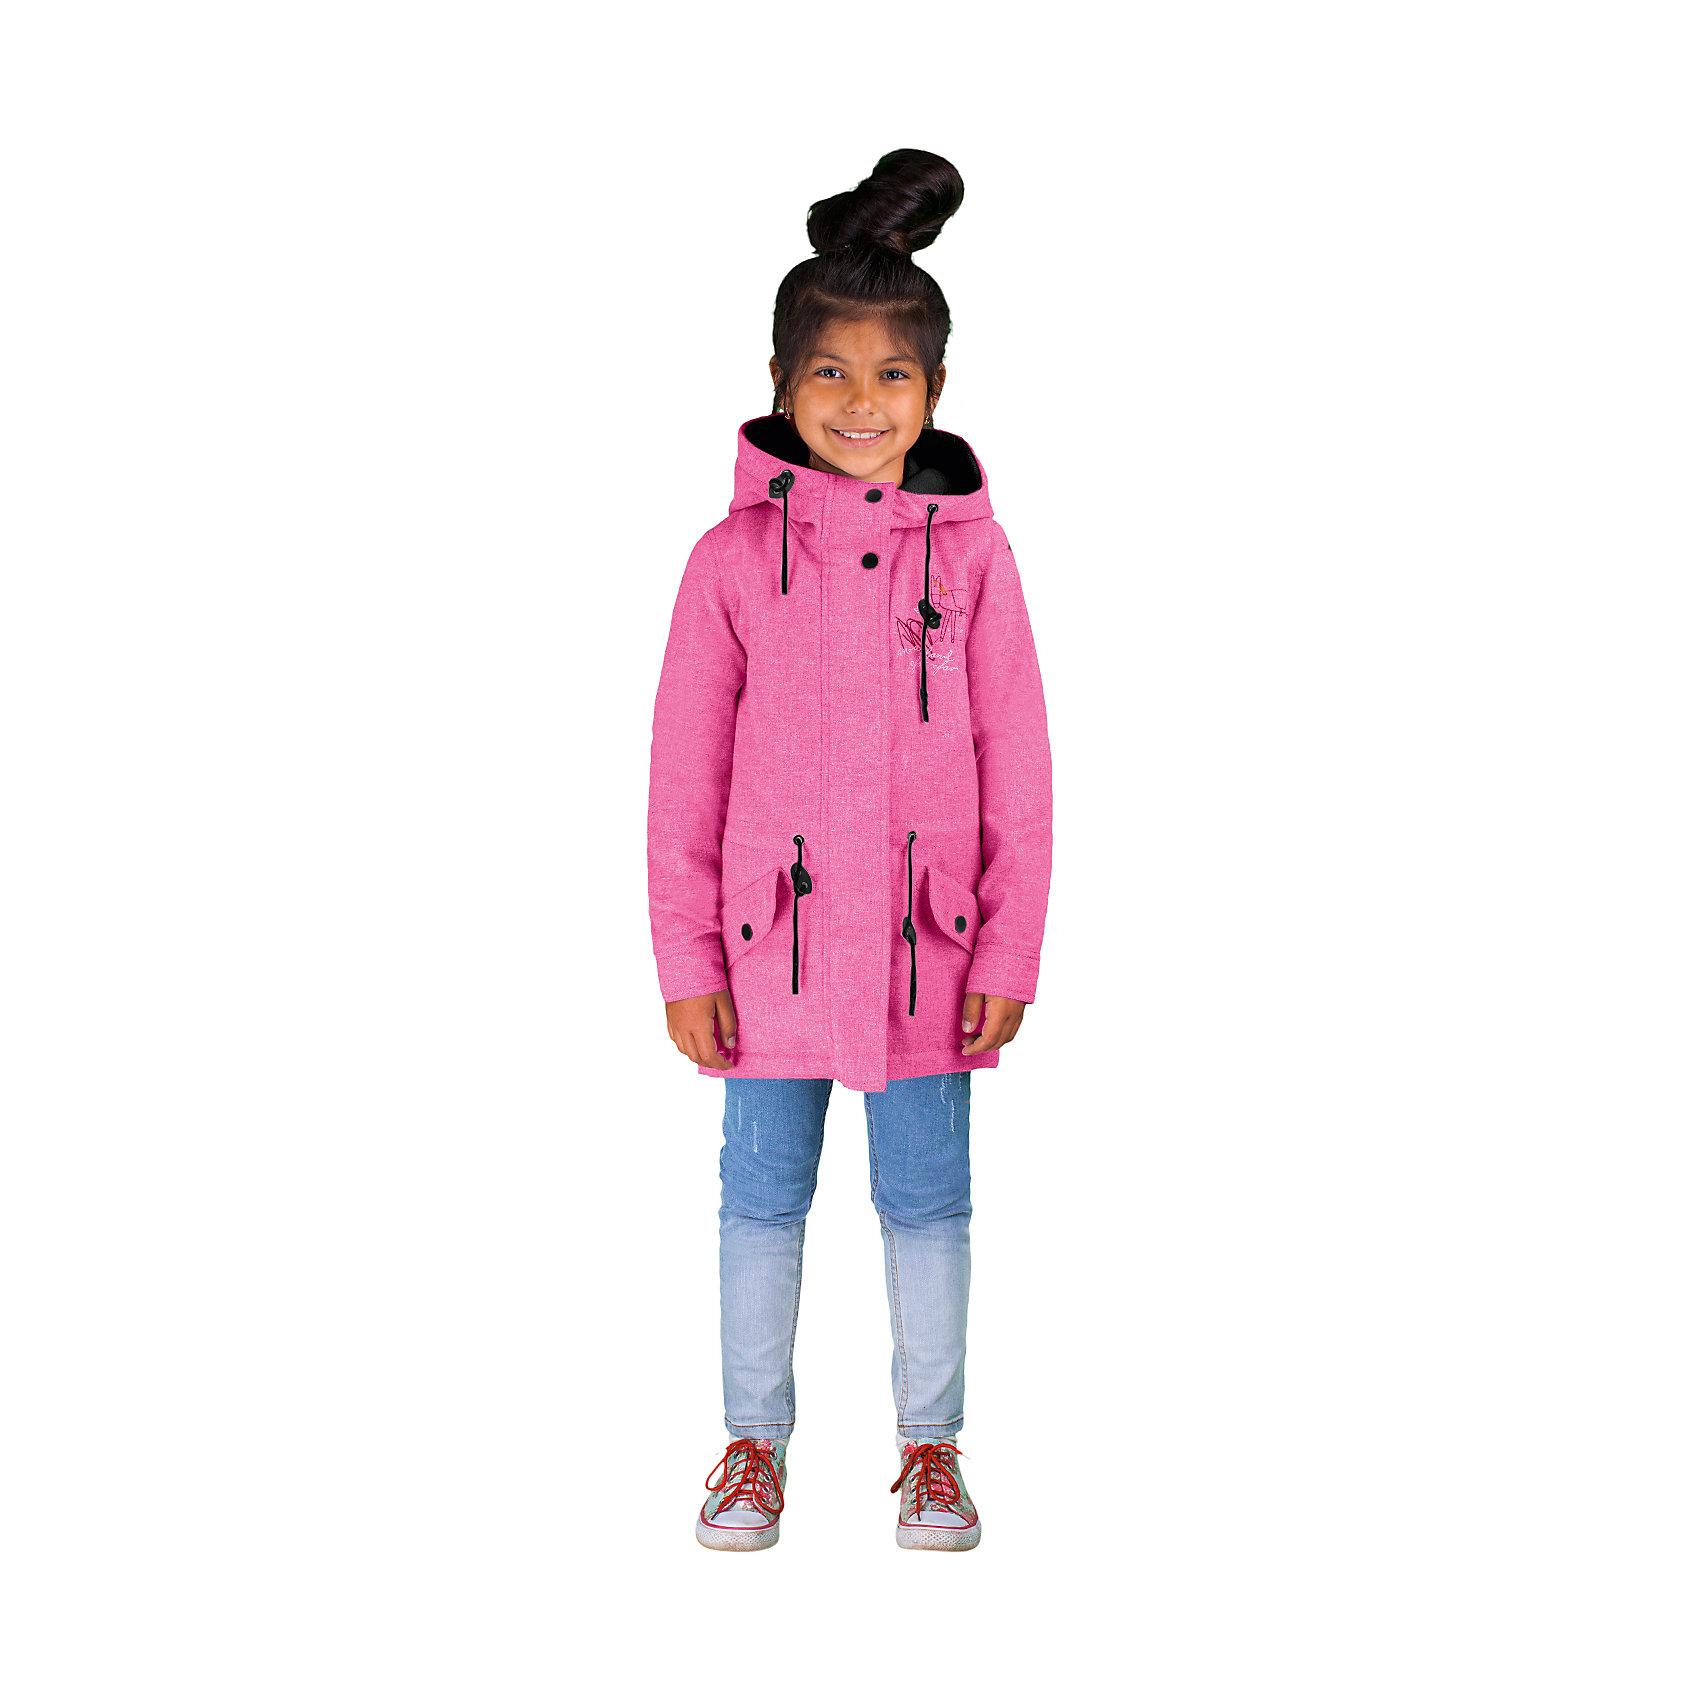 Куртка-парка для девочки BOOM by OrbyВерхняя одежда<br>Характеристики товара:<br><br>• цвет: розовый<br>• состав: верх - таффета, подкладка - флис, ПЭ, без утеплителя<br>• температурный режим: от +7°до +15°С<br>• планка от ветра<br>• капюшон<br>• застежка - молния<br>• демисезонная<br>• карманы<br>• шнурок в поясе<br>• комфортная посадка<br>• страна производства: Российская Федерация<br>• страна бренда: Российская Федерация<br>• коллекция: весна-лето 2017<br><br>Одежда для детей должна быть особо комфортной! Такая курточка - отличный вариант для межсезонья с постоянно меняющейся погодой. Эта модель - модная и удобная одновременно! Изделие отличается стильным ярким дизайном. Куртка дополнена мягкой подкладкой.<br><br>Куртку-парку для девочки от бренда BOOM by Orby можно купить в нашем интернет-магазине.<br><br>Ширина мм: 356<br>Глубина мм: 10<br>Высота мм: 245<br>Вес г: 519<br>Цвет: розовый<br>Возраст от месяцев: 48<br>Возраст до месяцев: 60<br>Пол: Женский<br>Возраст: Детский<br>Размер: 110,152,98,116,122,128,134,140,146,158,104<br>SKU: 5343010